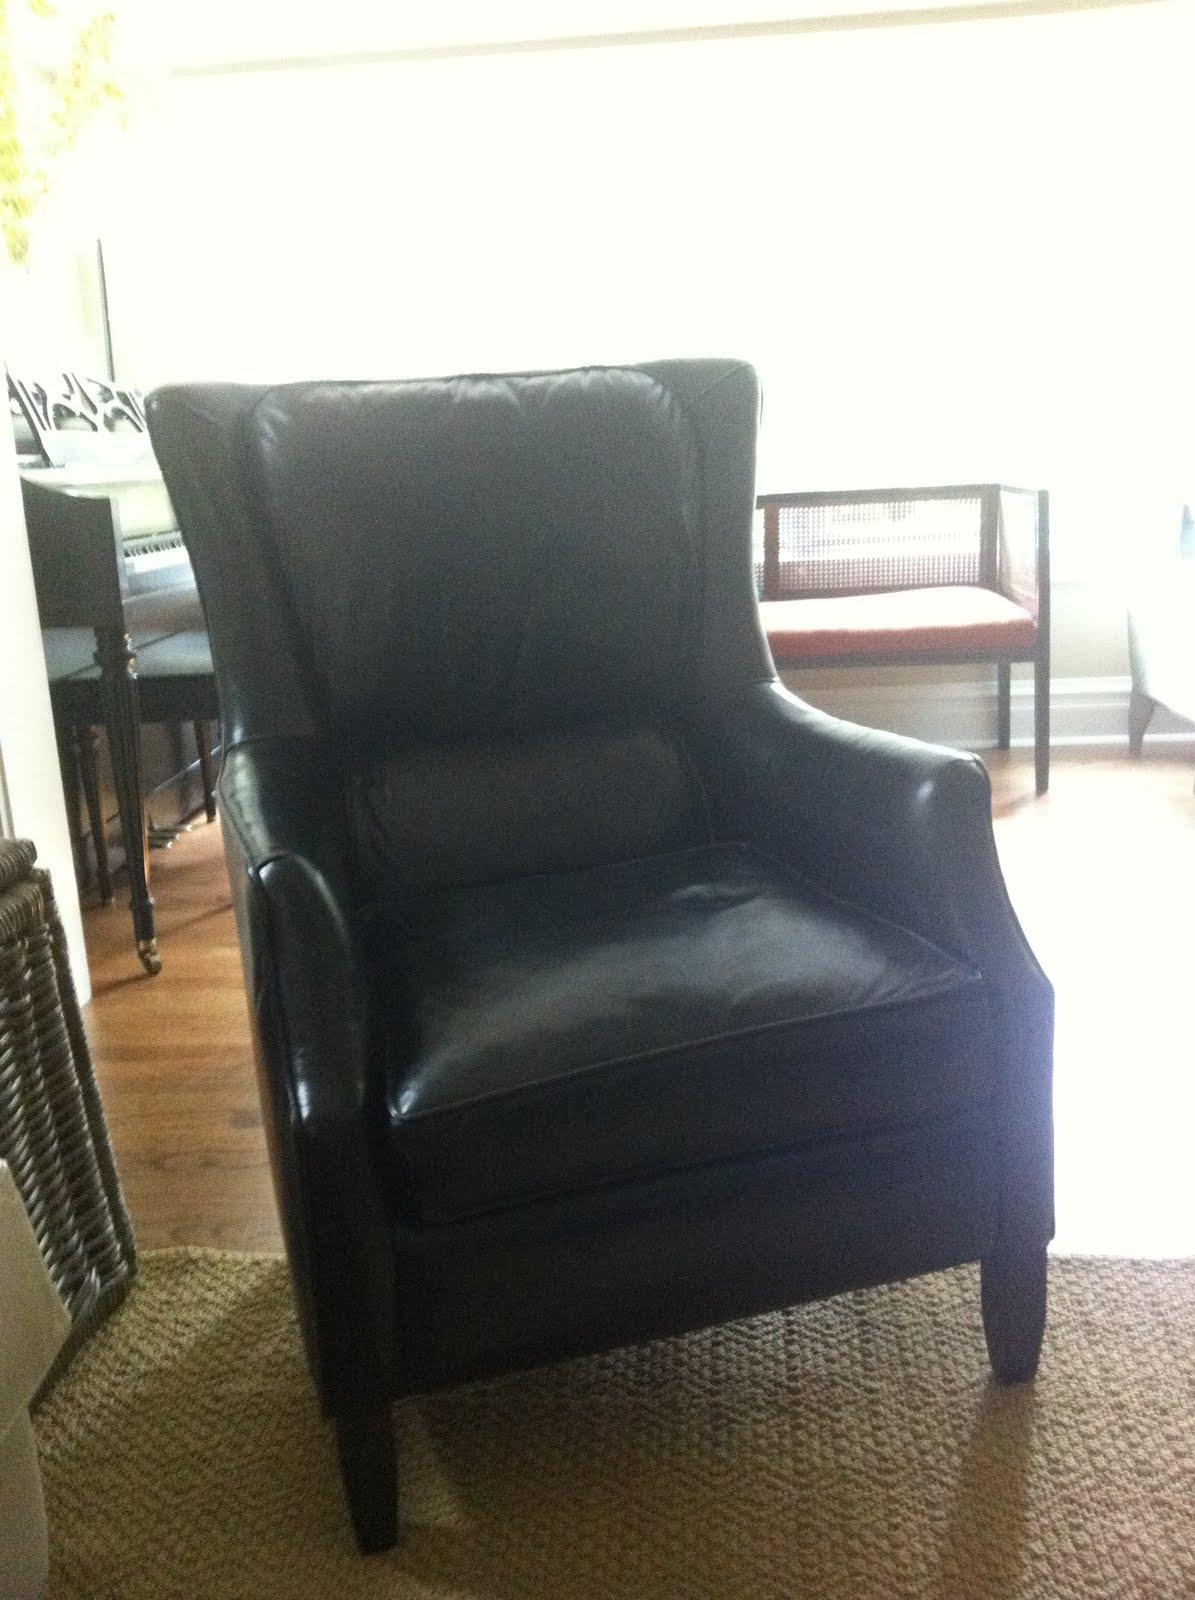 alex chair arhaus black upholstered dining wonderwall update on my living room new lamp rug etc